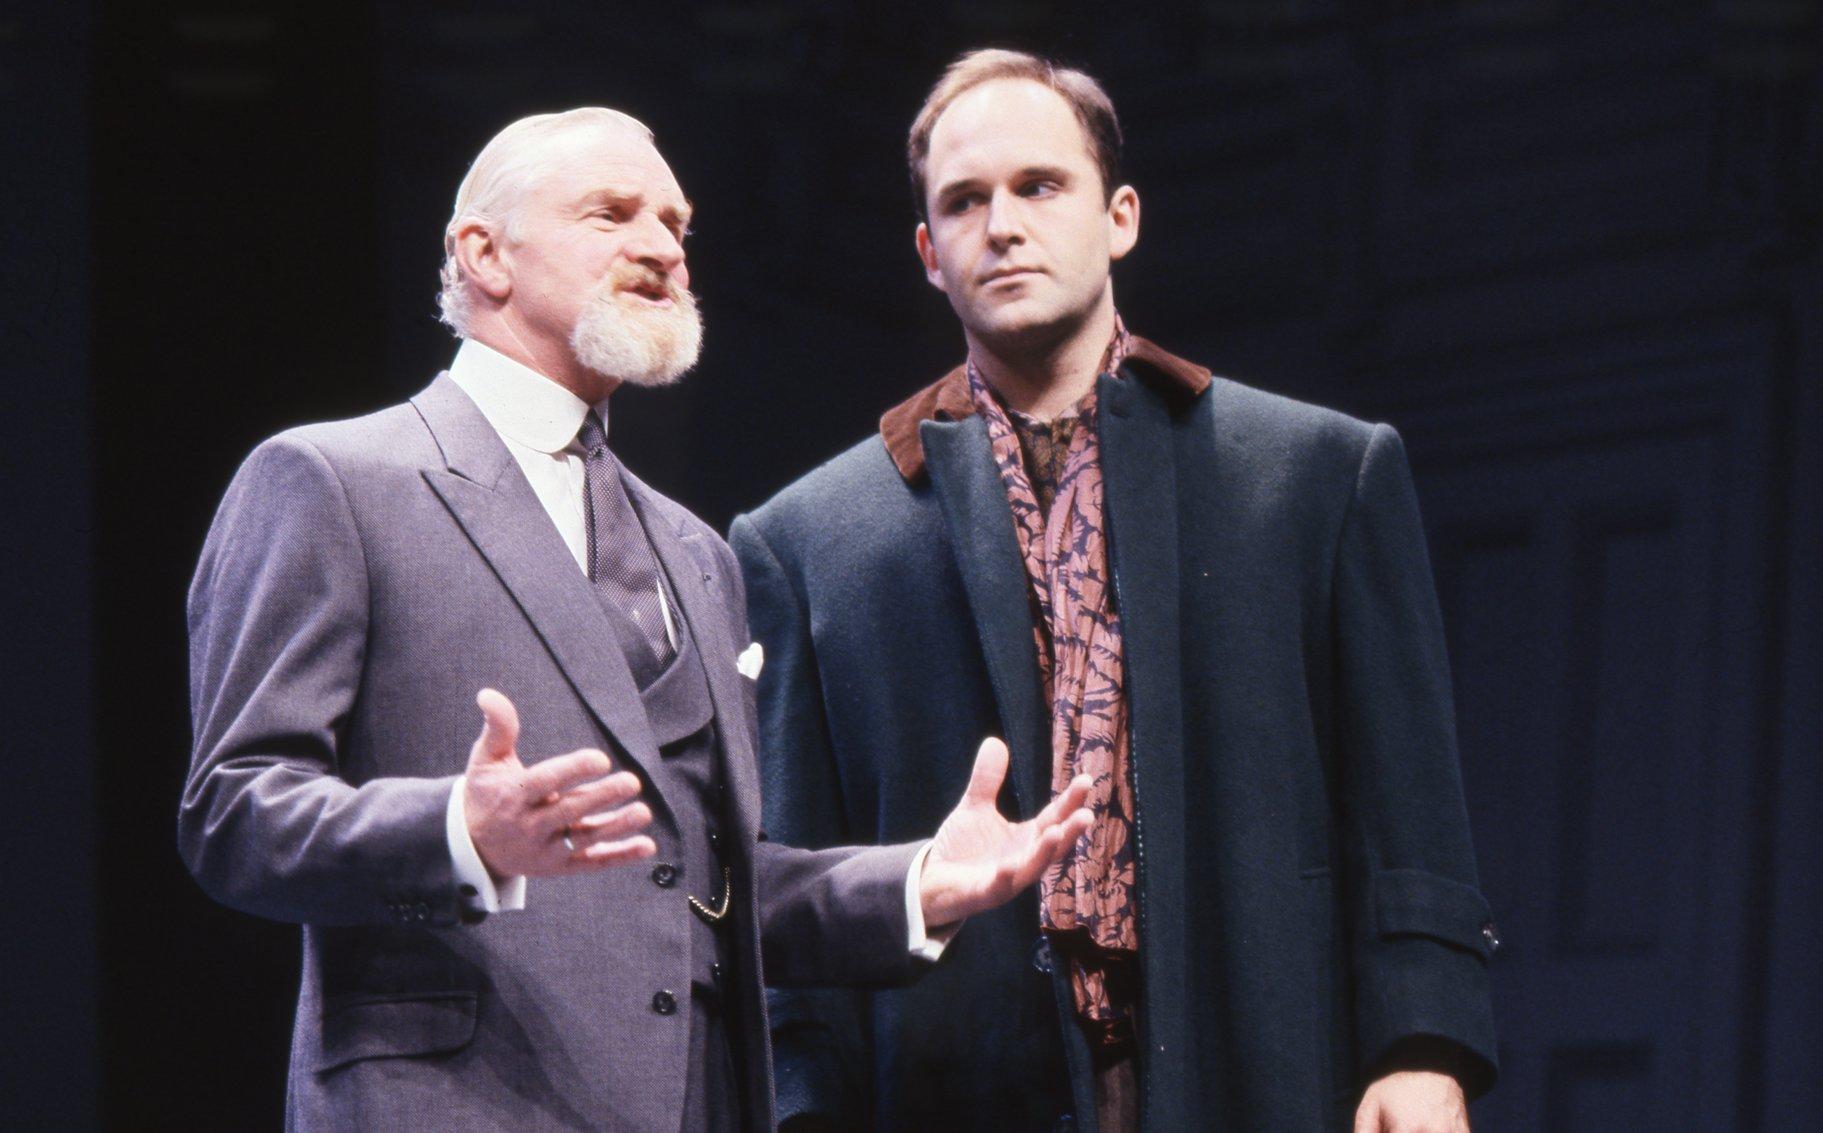 Polonius advises Laertes.